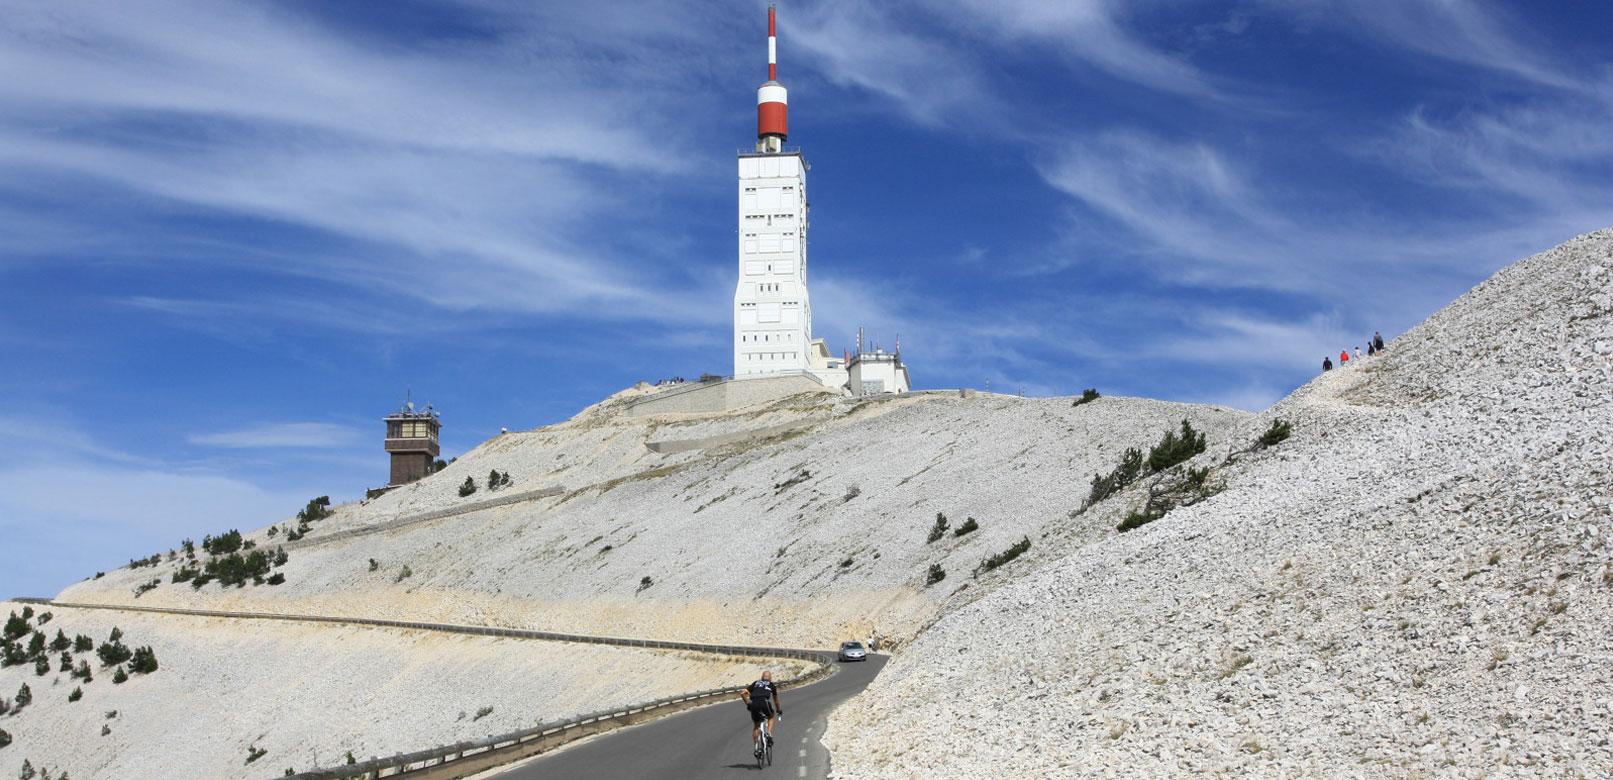 Sommet du mont Ventoux © Hocquel